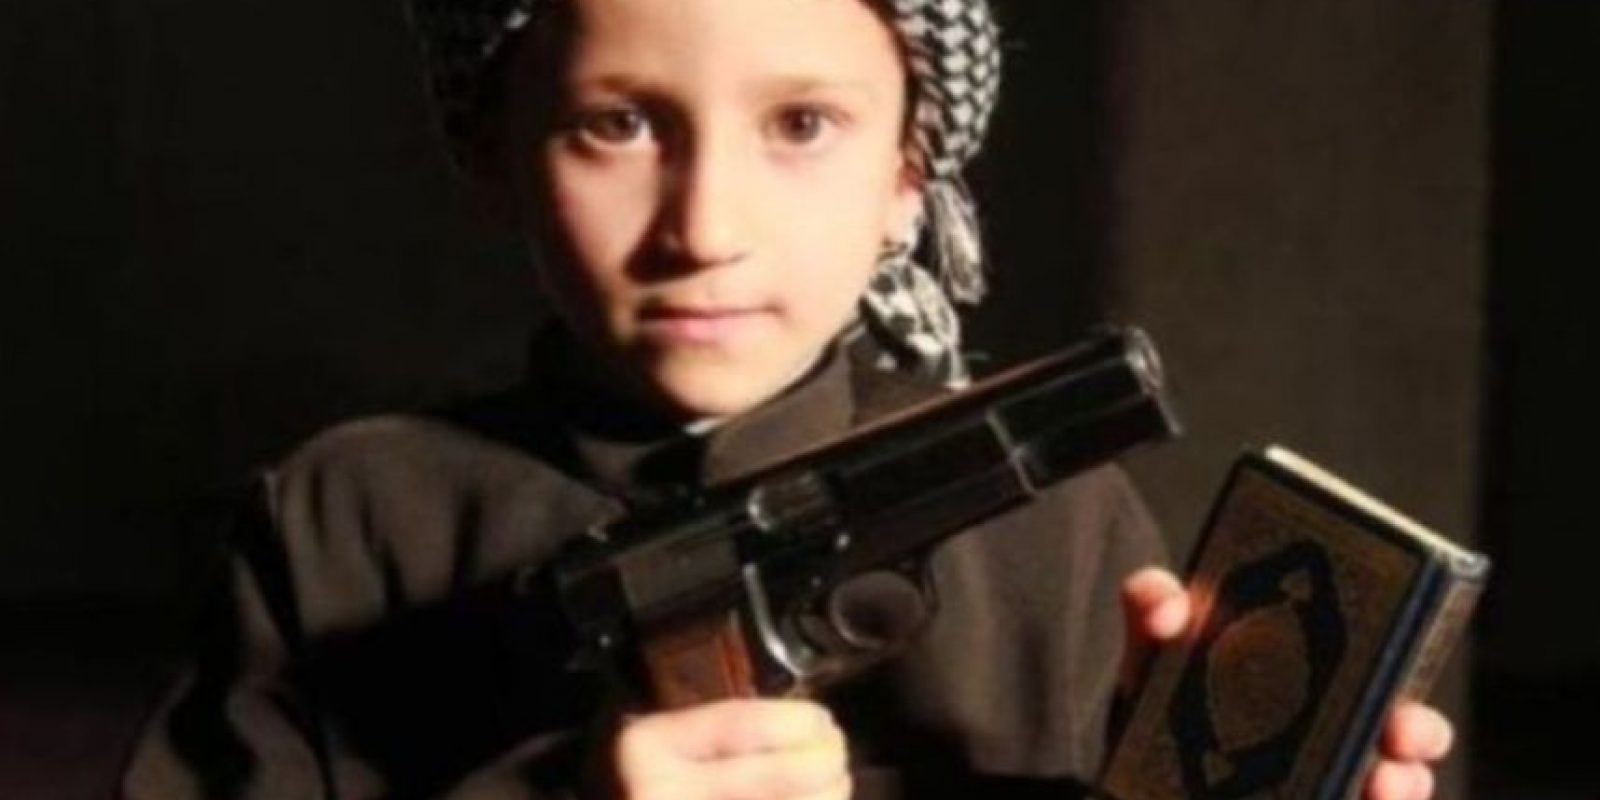 A través de redes sociales, ISIS ha difundido imágenes de bebés y niños vestidos como yihadistas o como sus militantes Foto:Twitter.com – Archivo. Imagen Por: